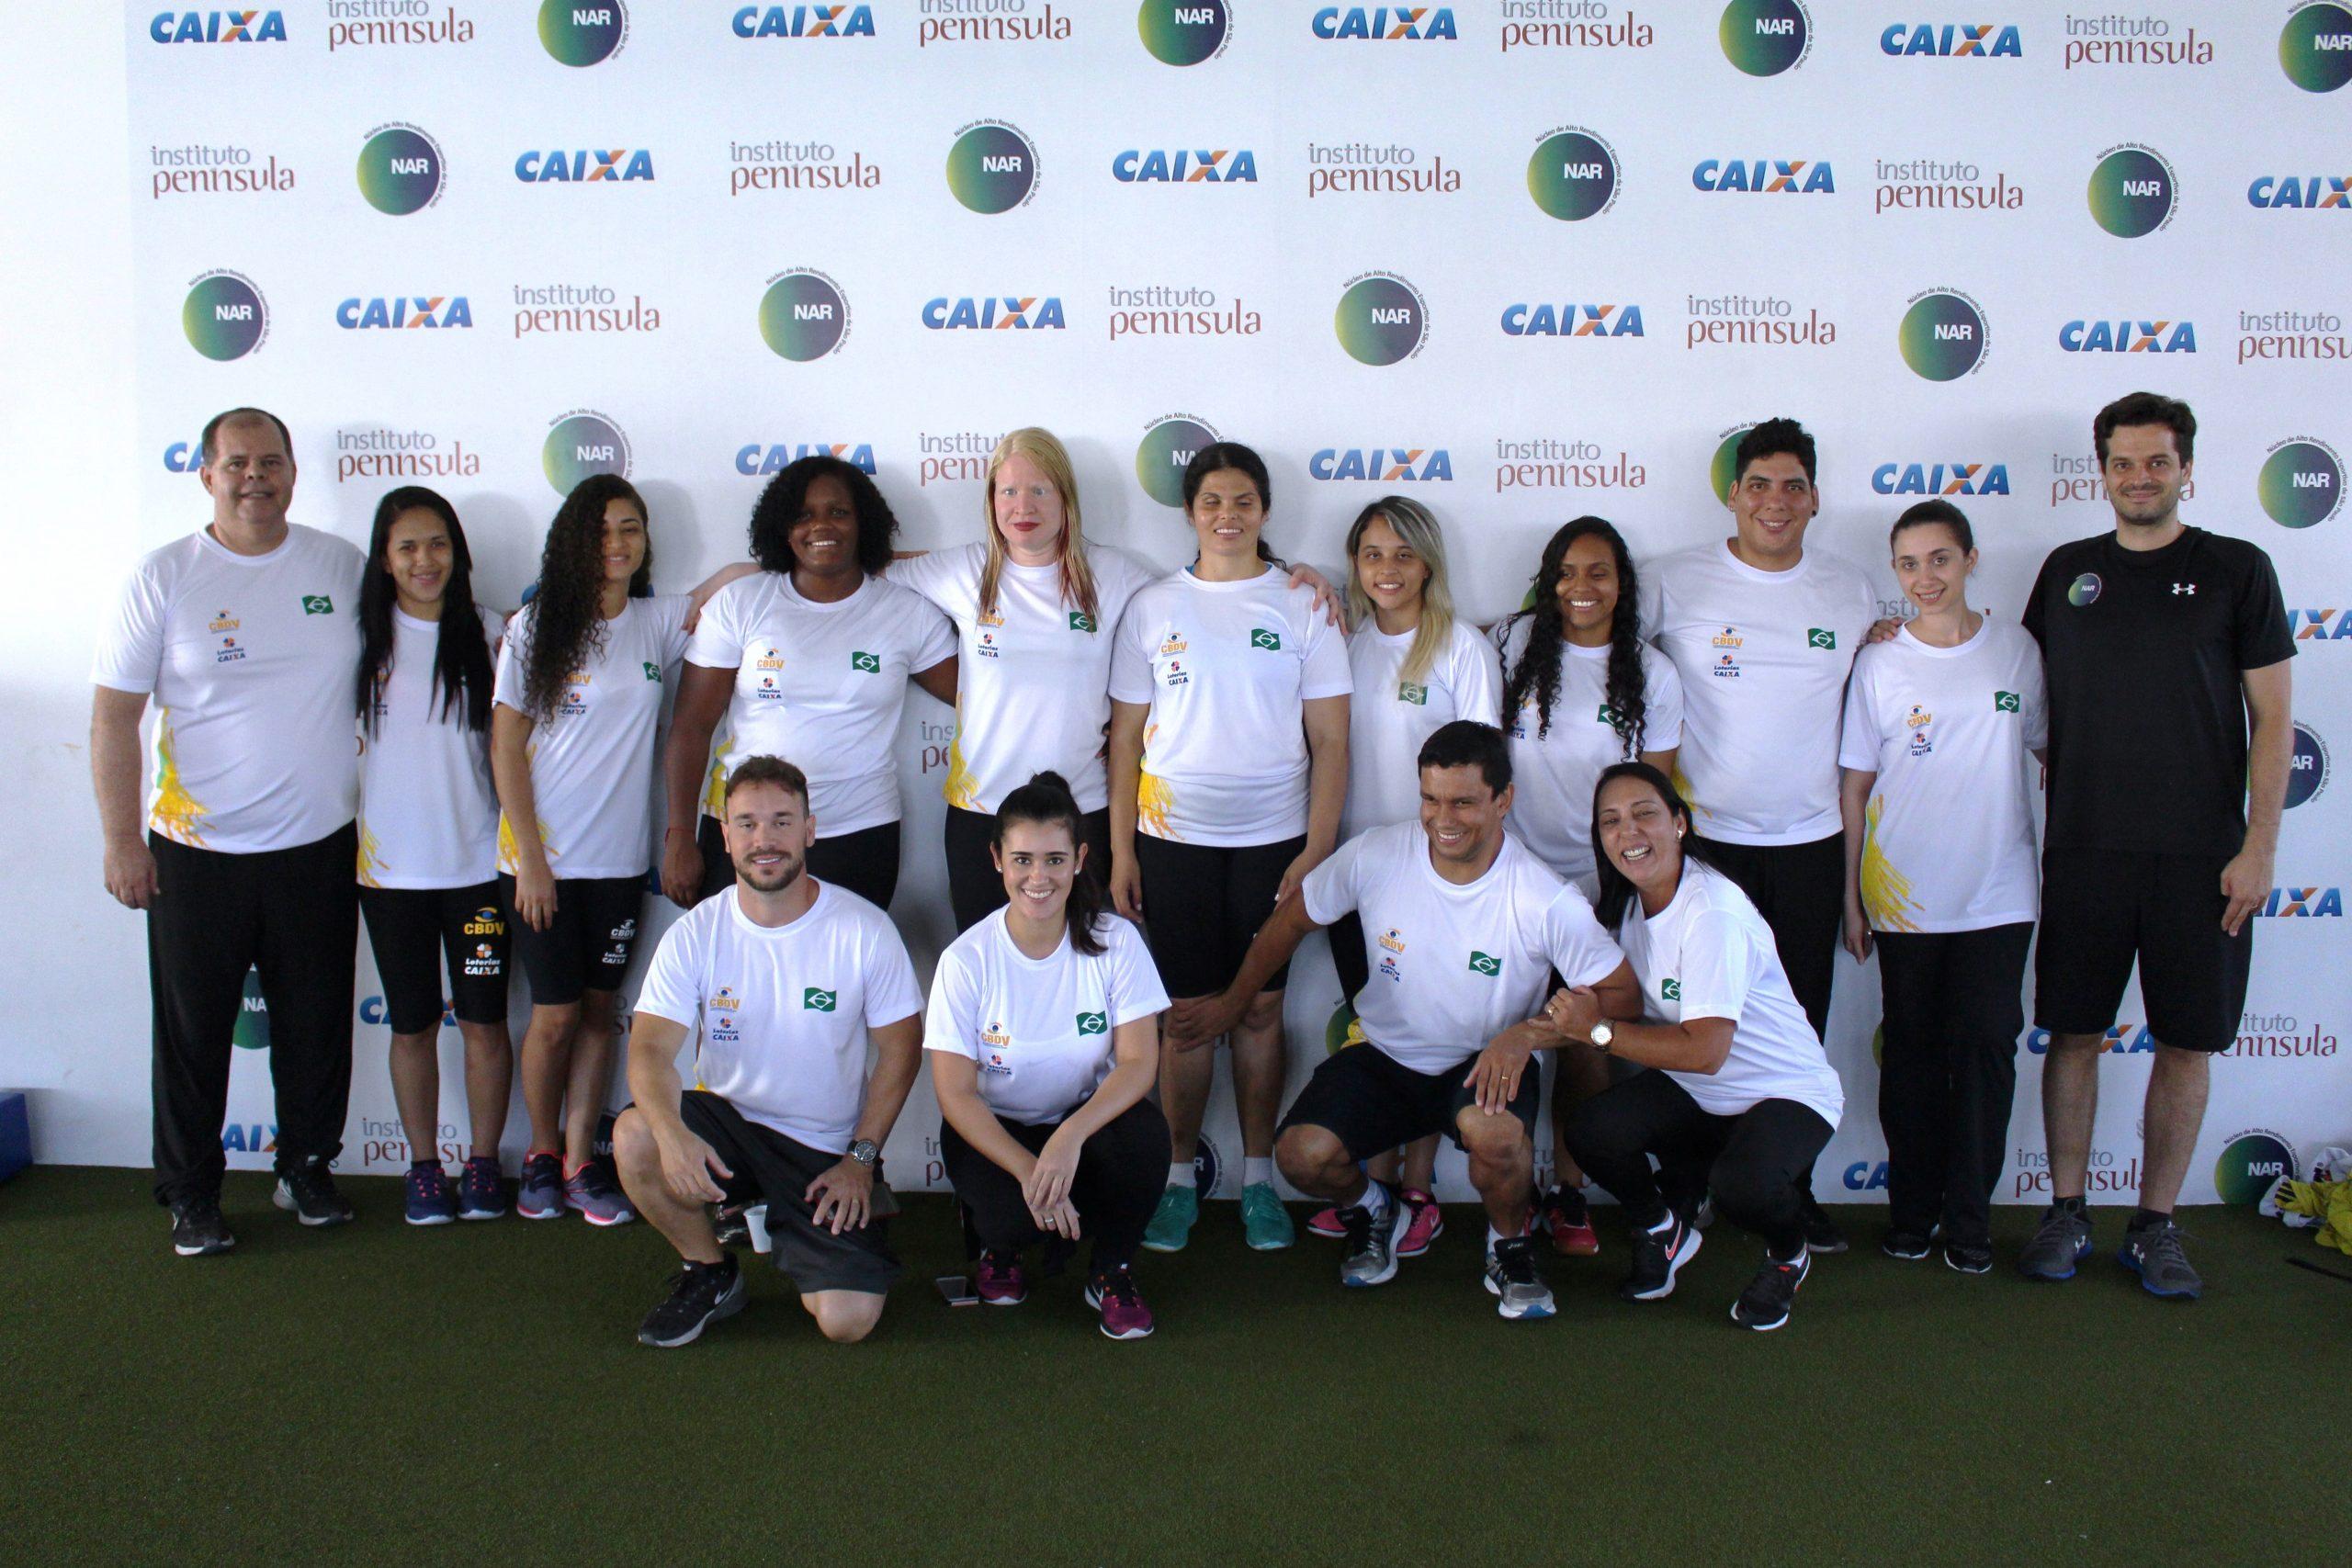 Seleção feminina de goalball inicia preparação para 2018 no NAR-SP